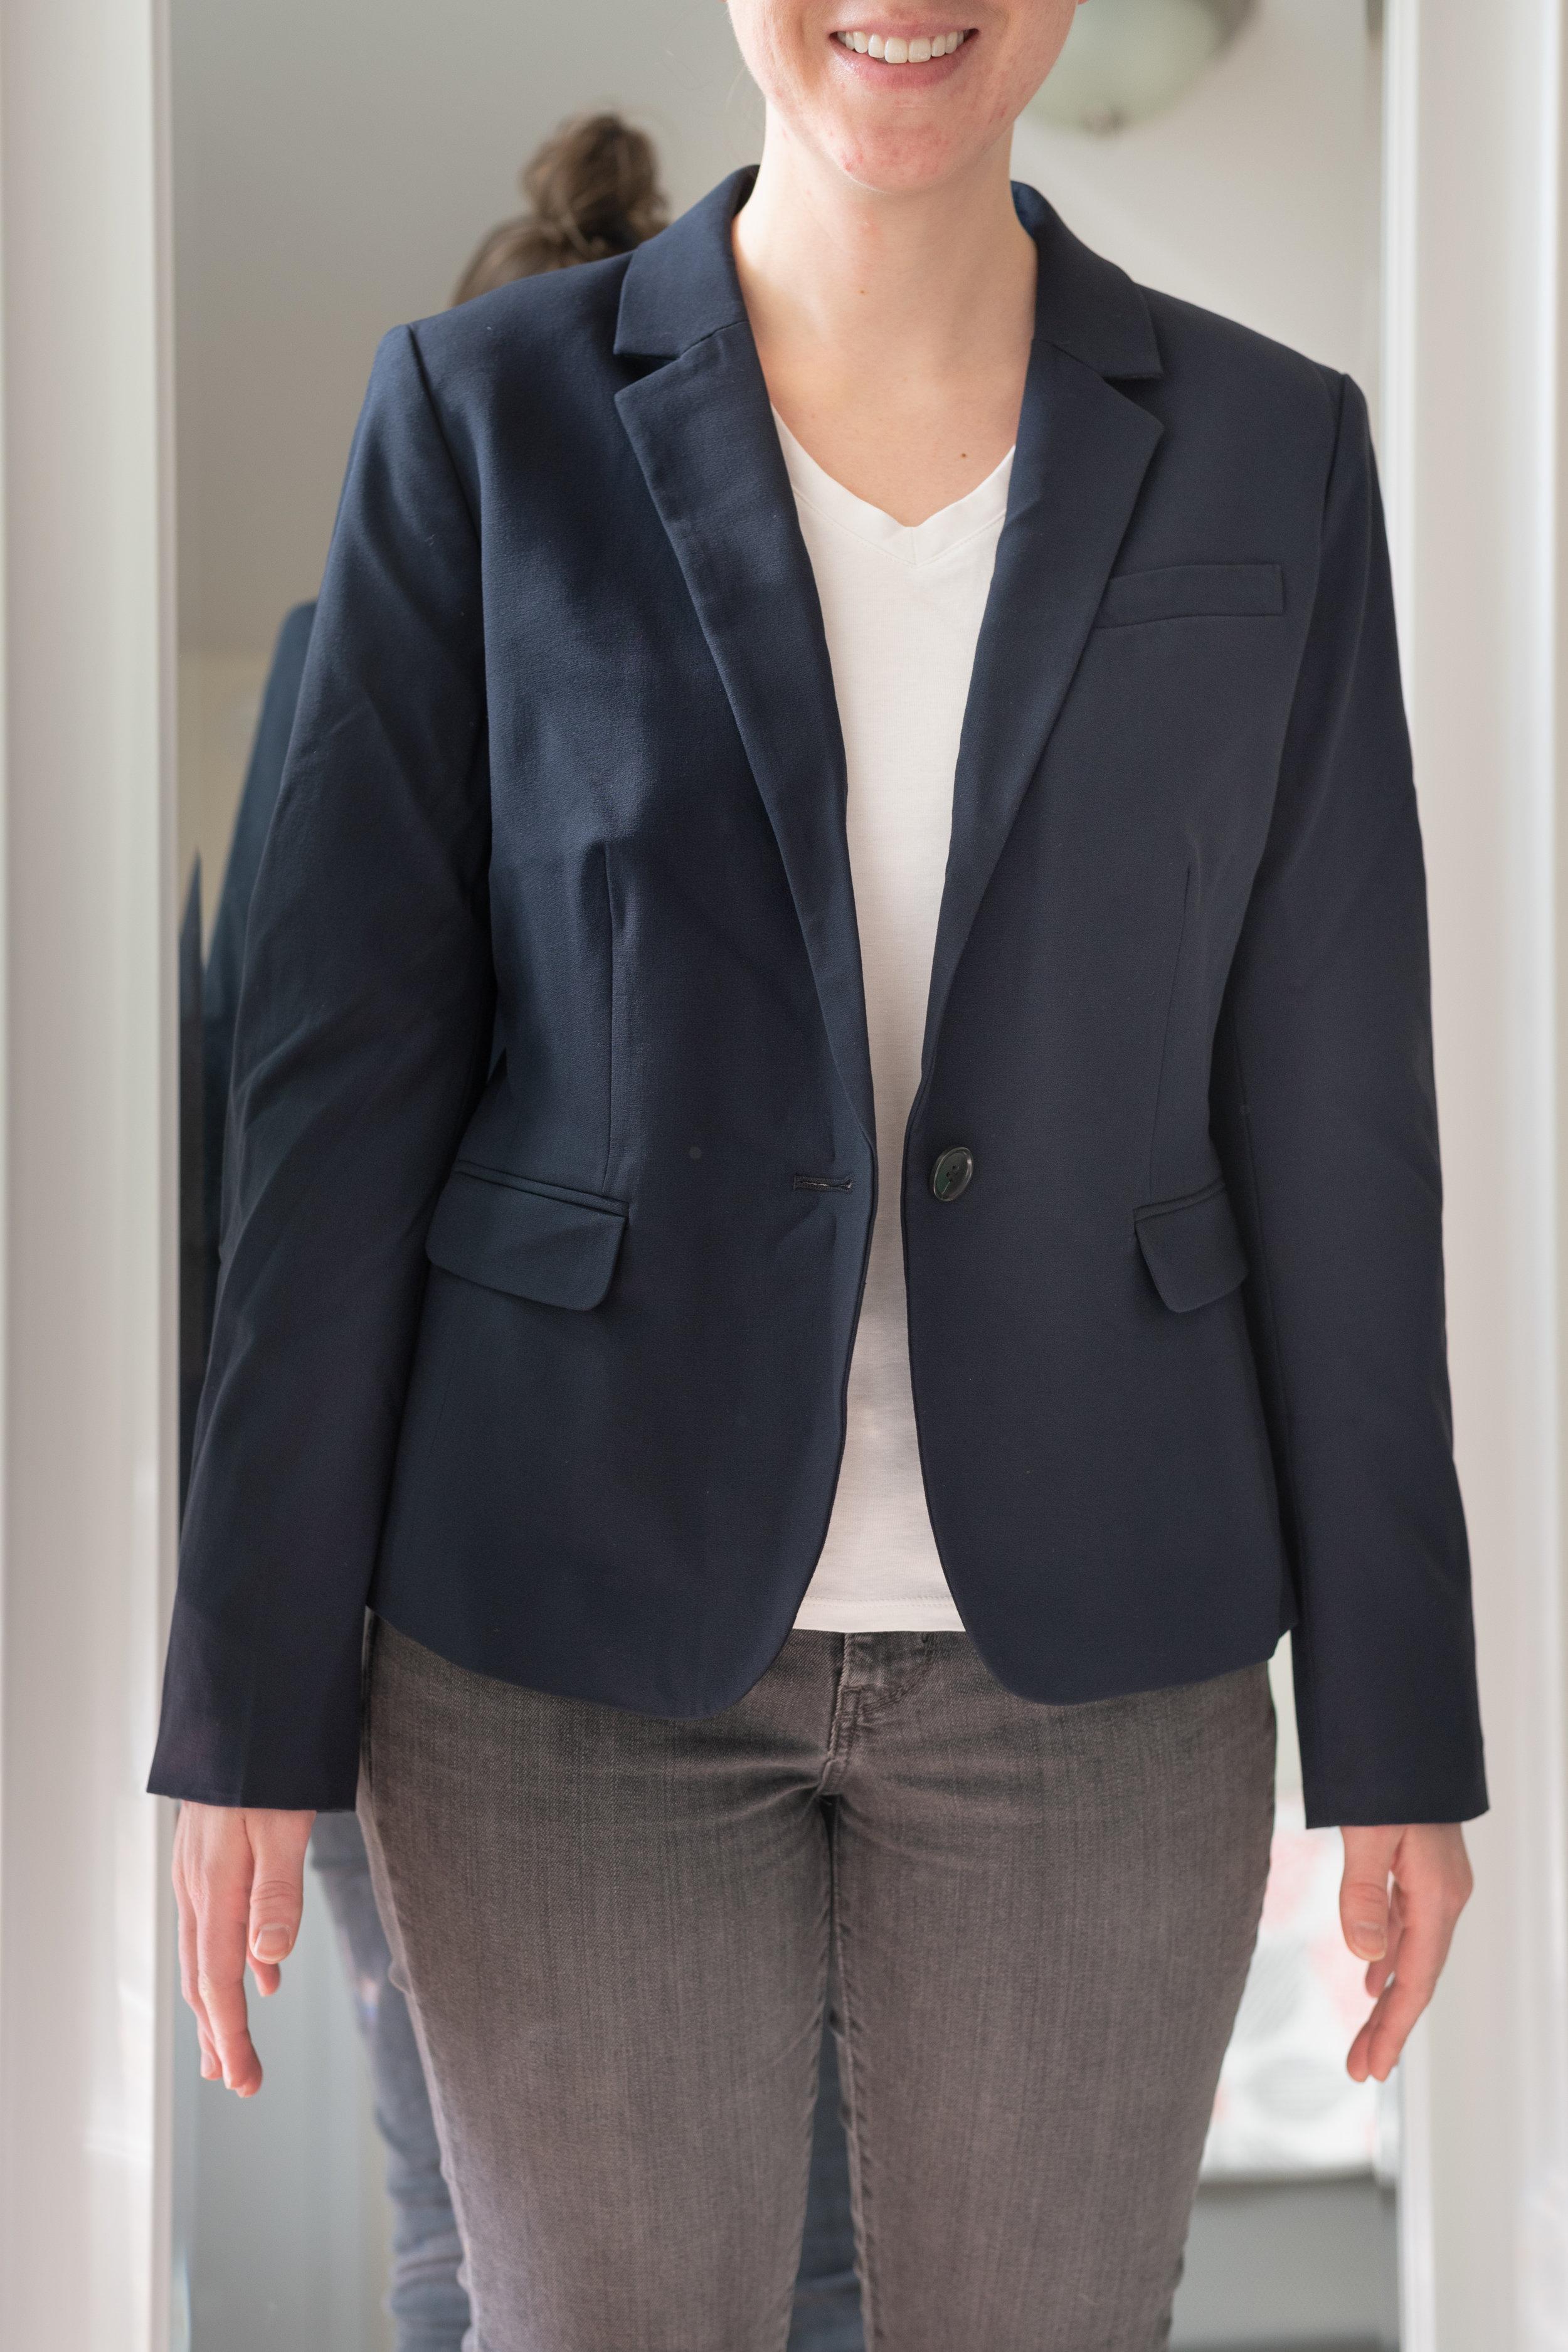 Ann Taylor Petite 1-Button Blazer in Seasonless Stretch - Size 6 Petite